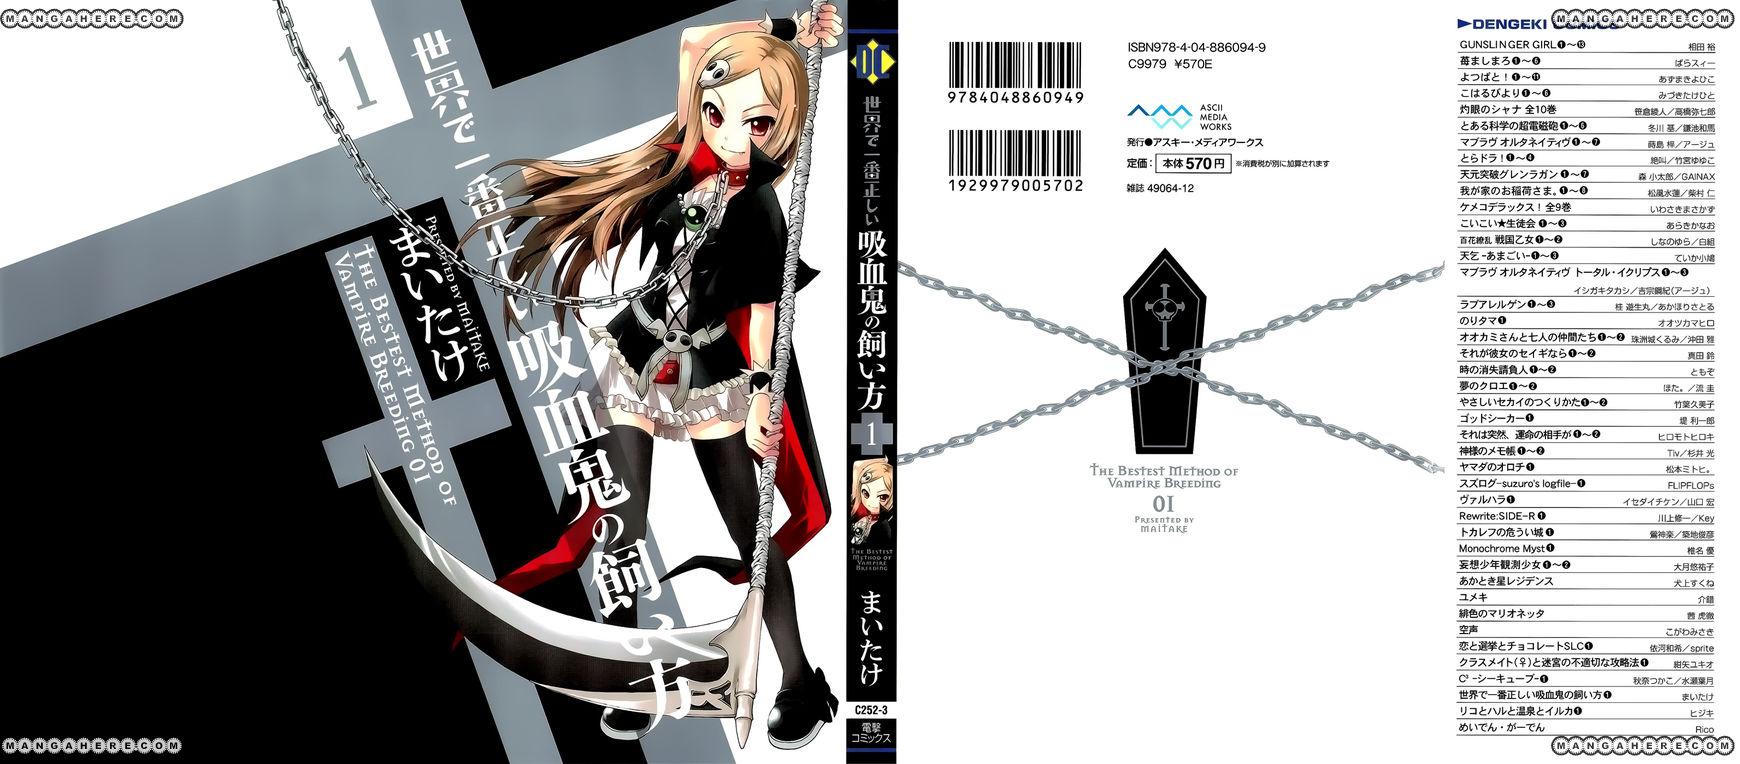 Sekai de Ichiban Tadashii Kyuuketsuki no Kaikata 1 Page 1